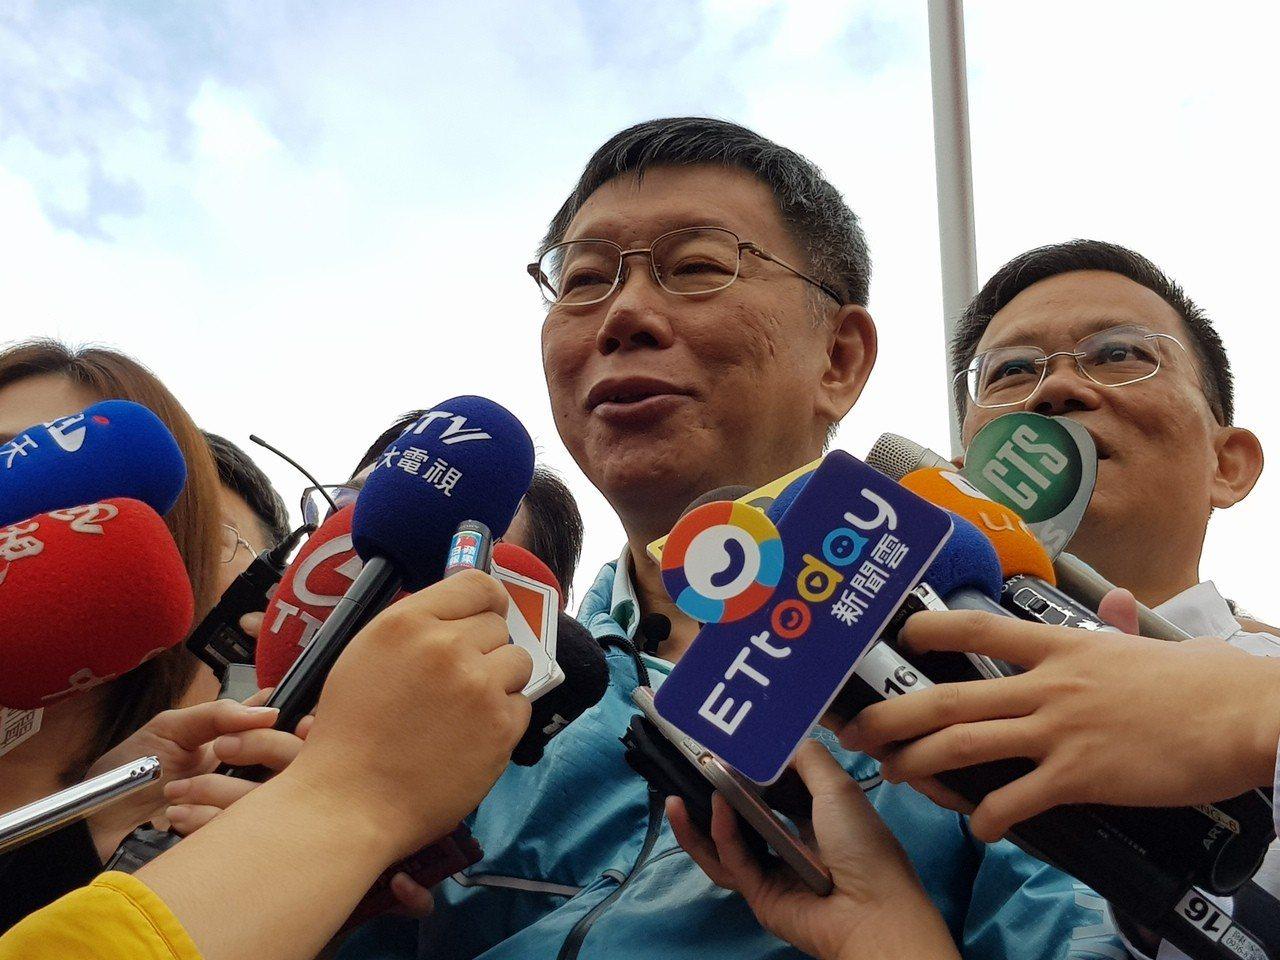 台北市長柯文哲今早出席北市府升旗典禮受訪。記者翁浩然/攝影